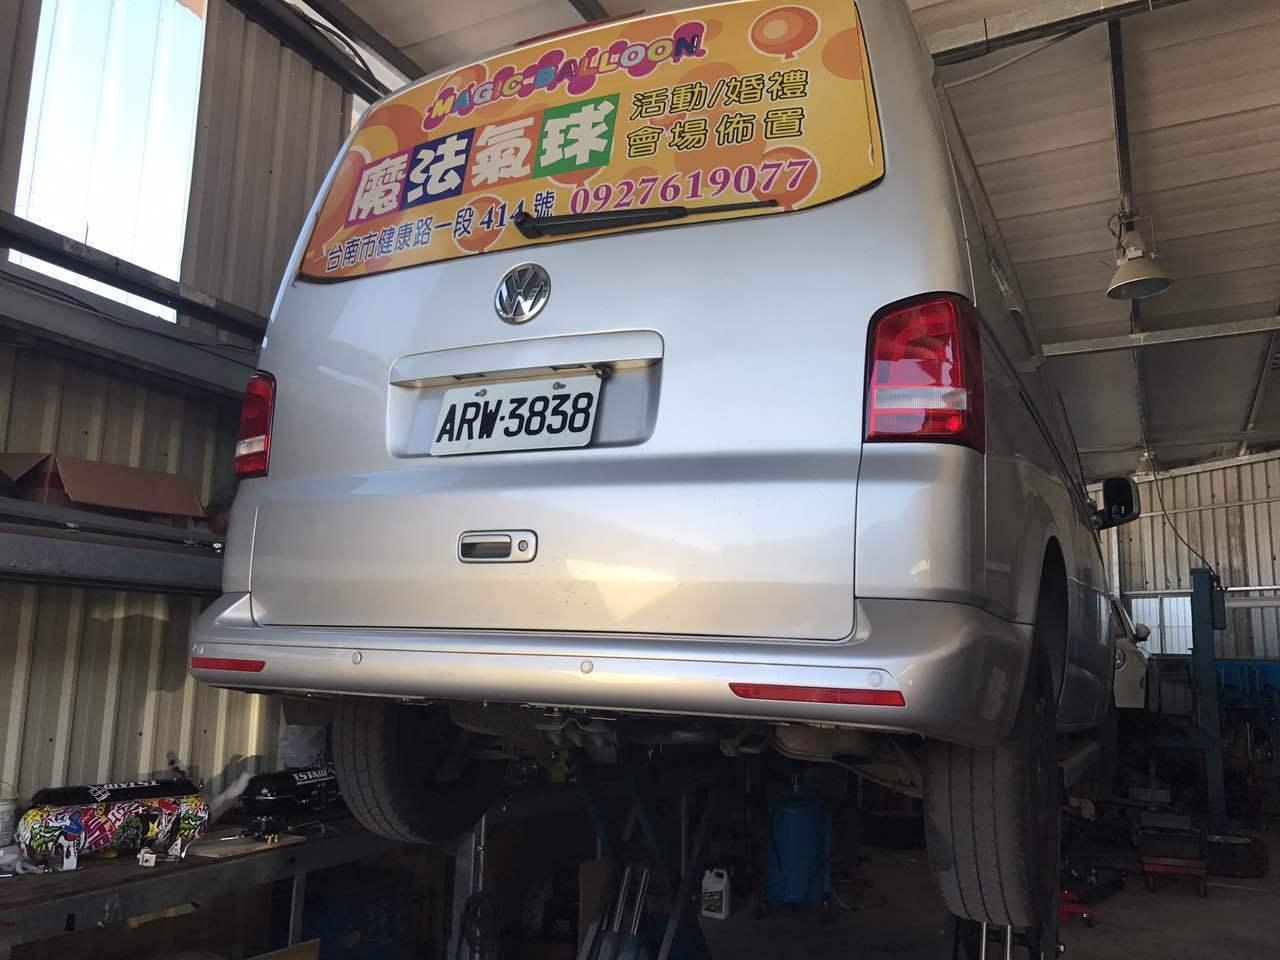 大众t5气动避震改装 美美的姿态_搜狐汽车_搜狐网图片